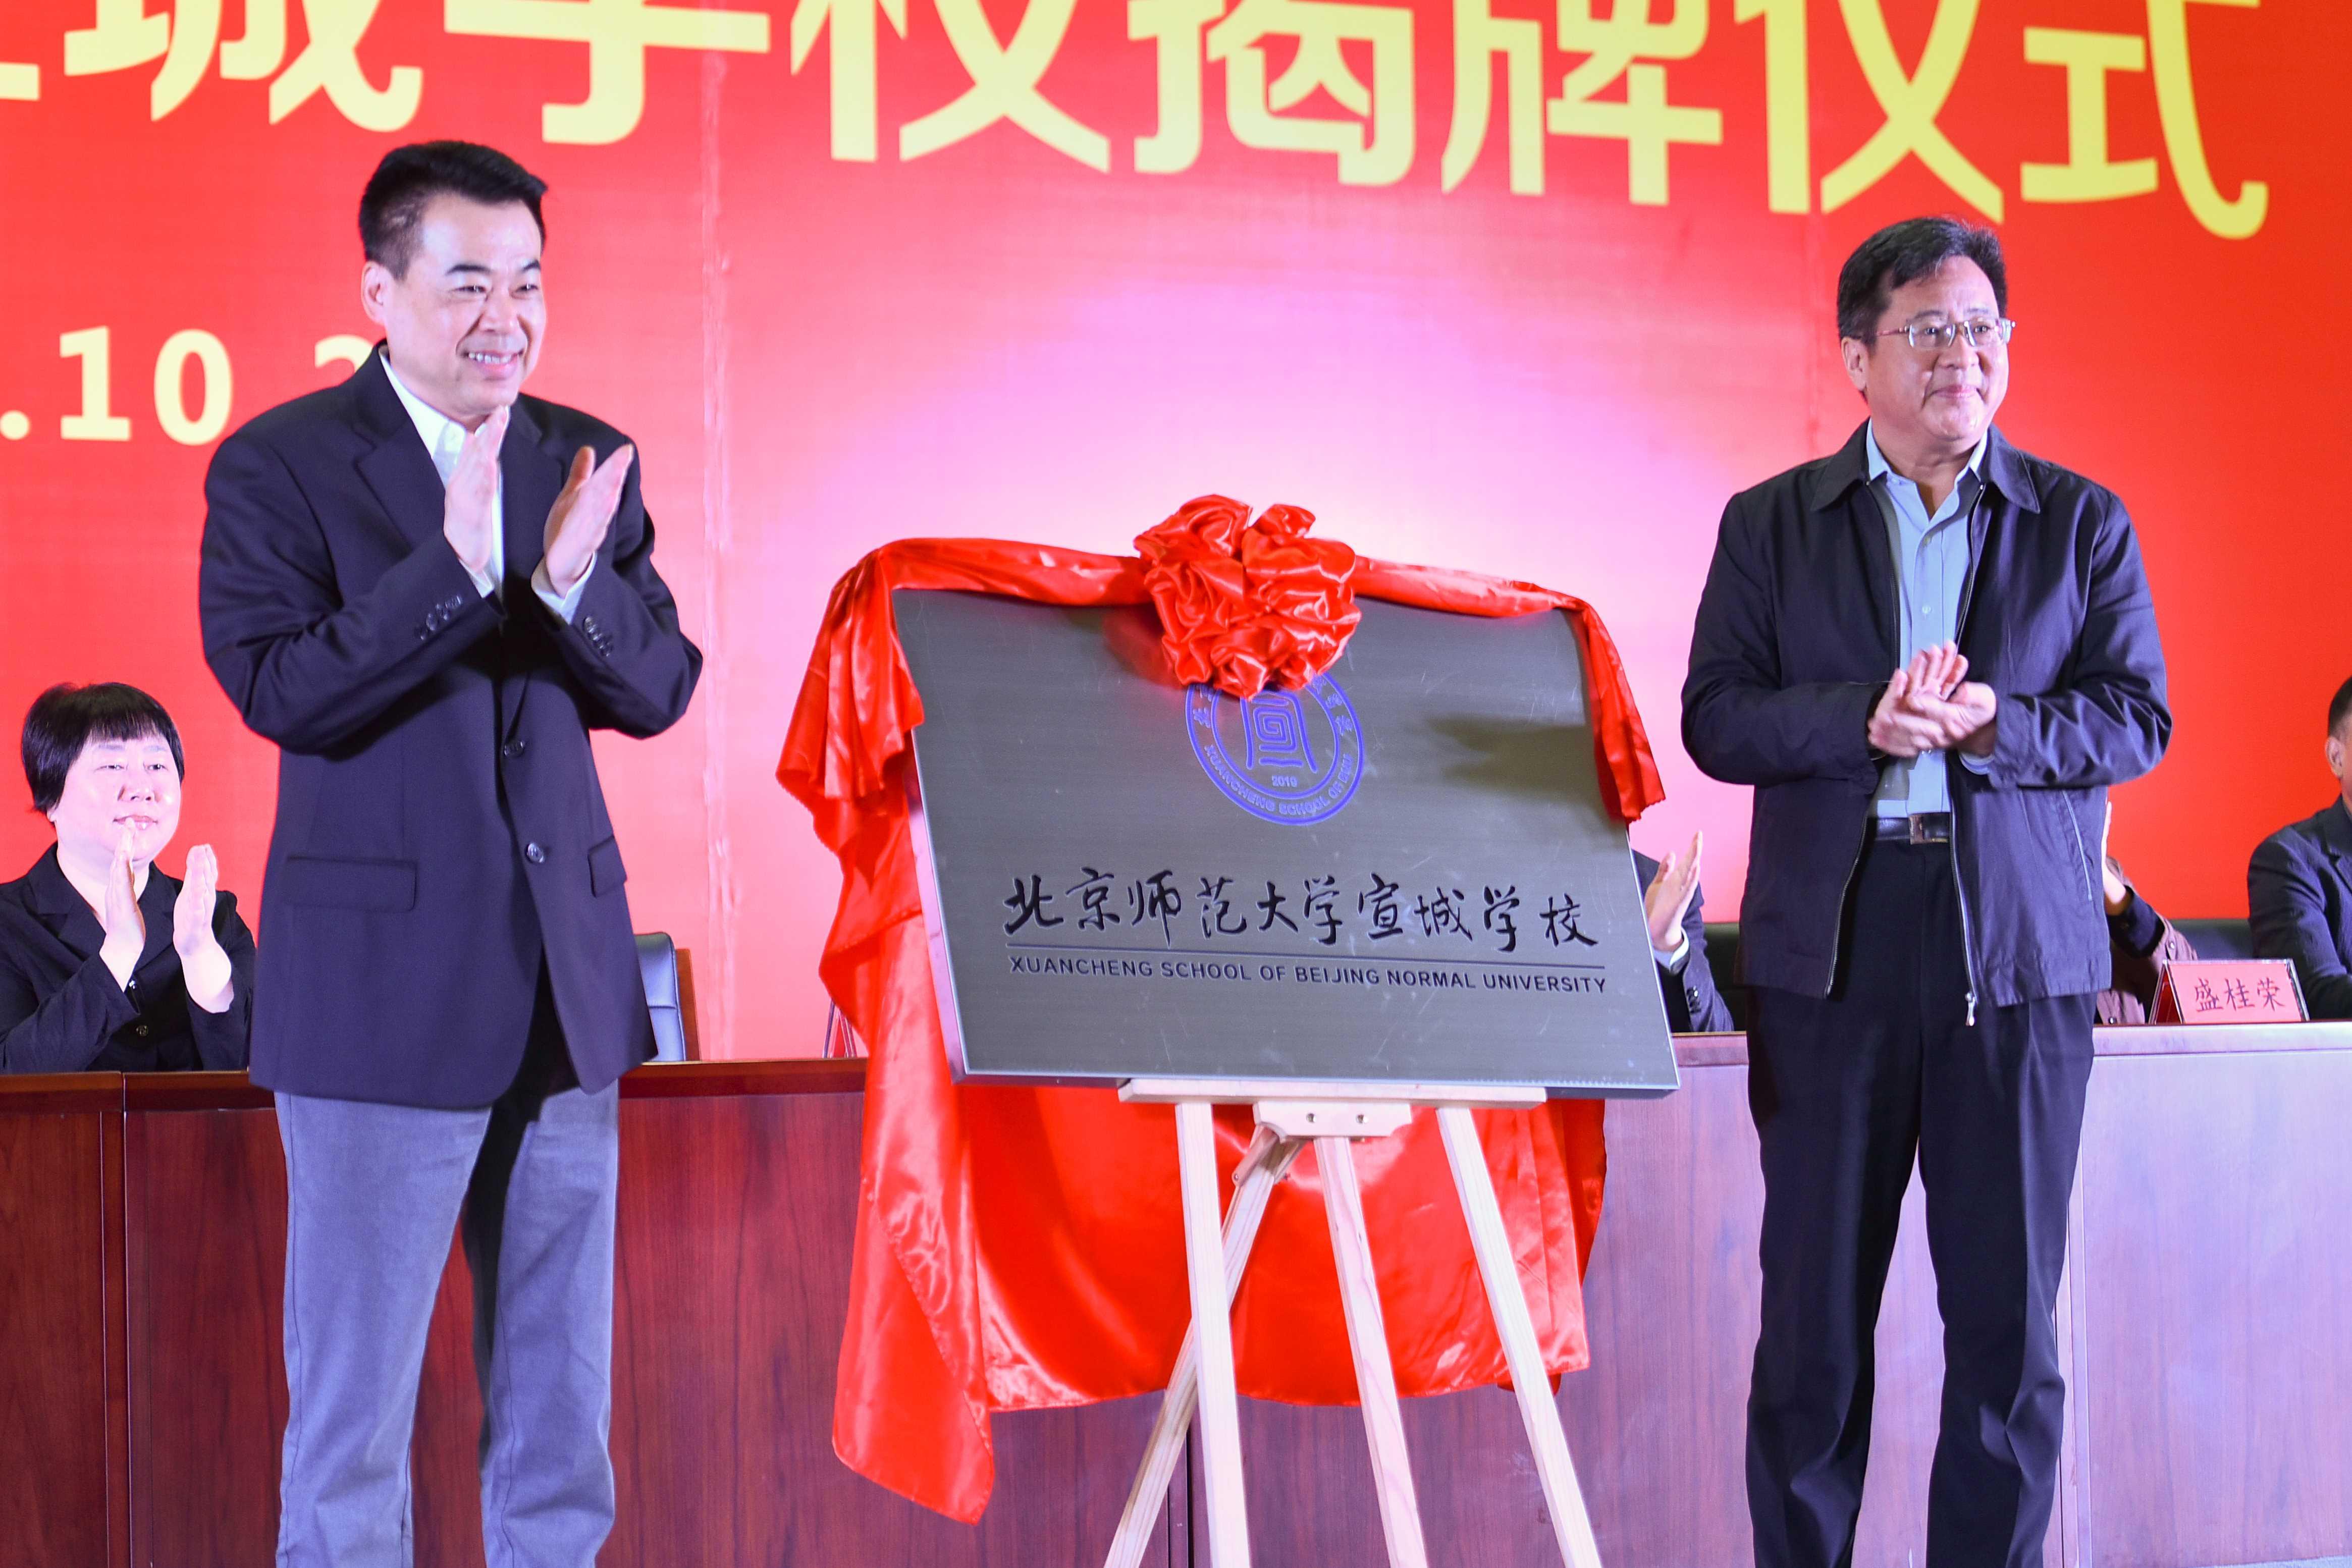 王守軍與宣城市長孔曉宏共同為北京師范大學宣城學校揭牌